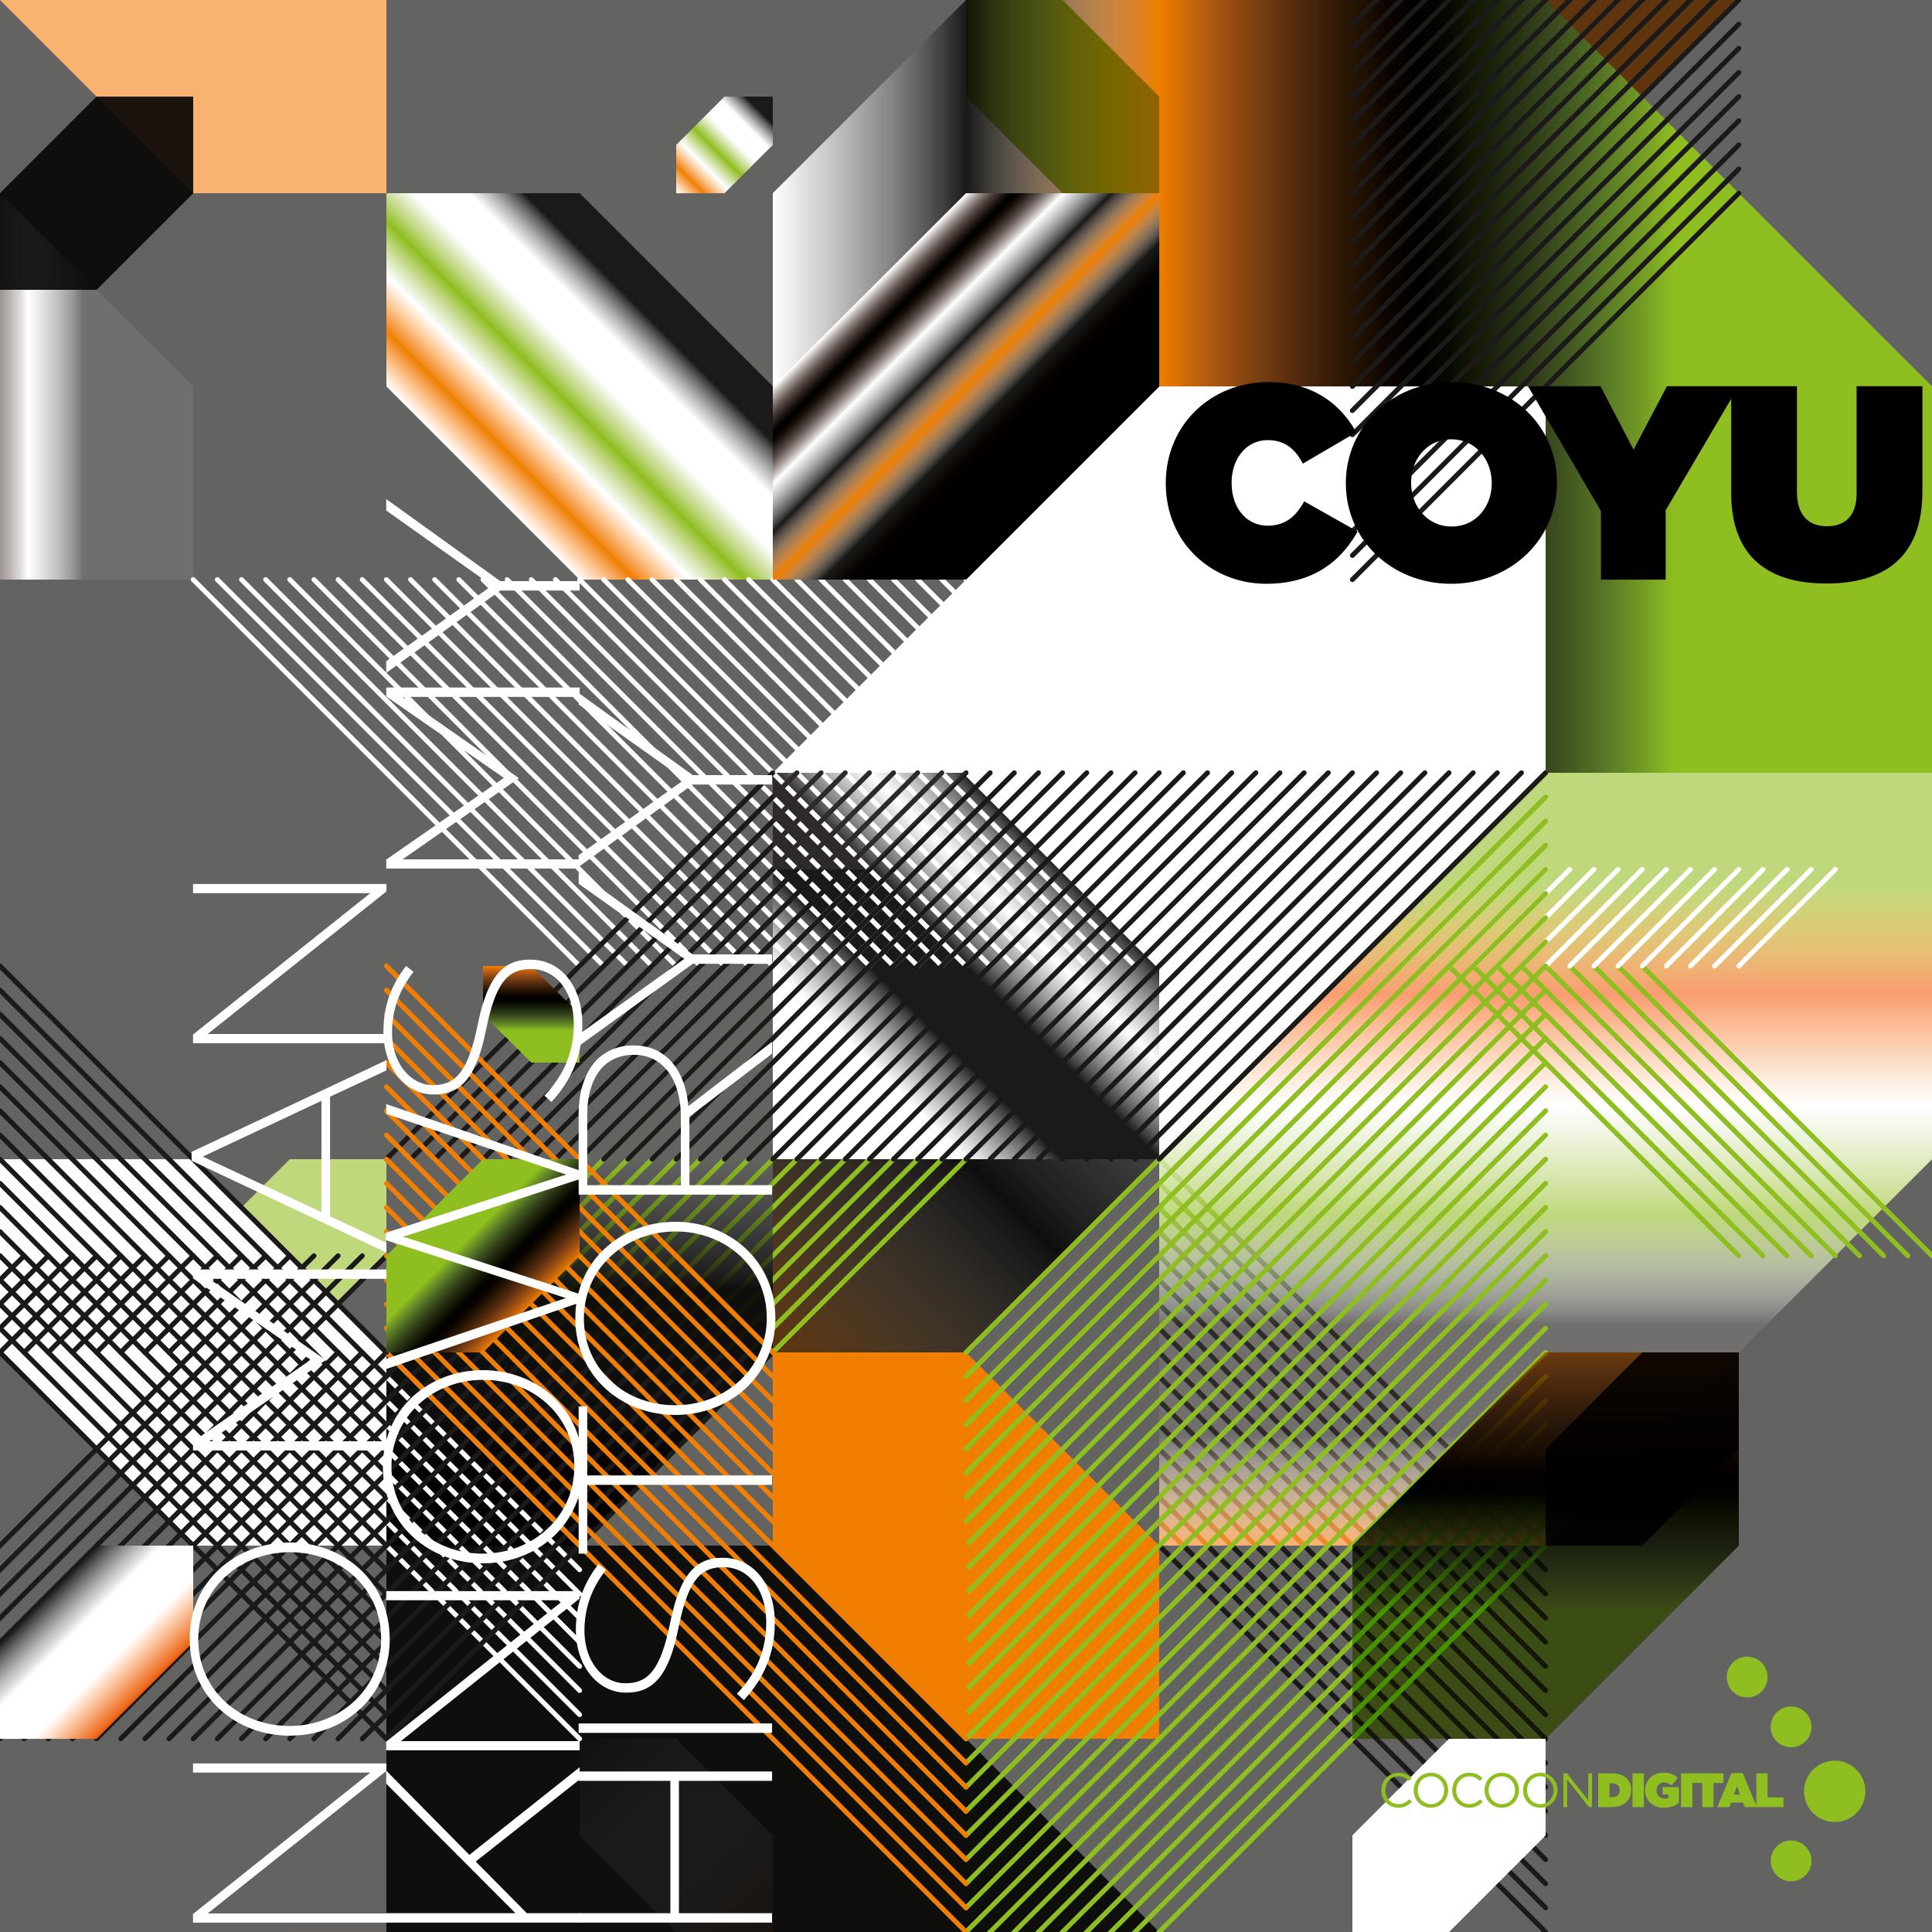 Barcelona trifft Frankfurt: Coyu mit EP auf Cocoon